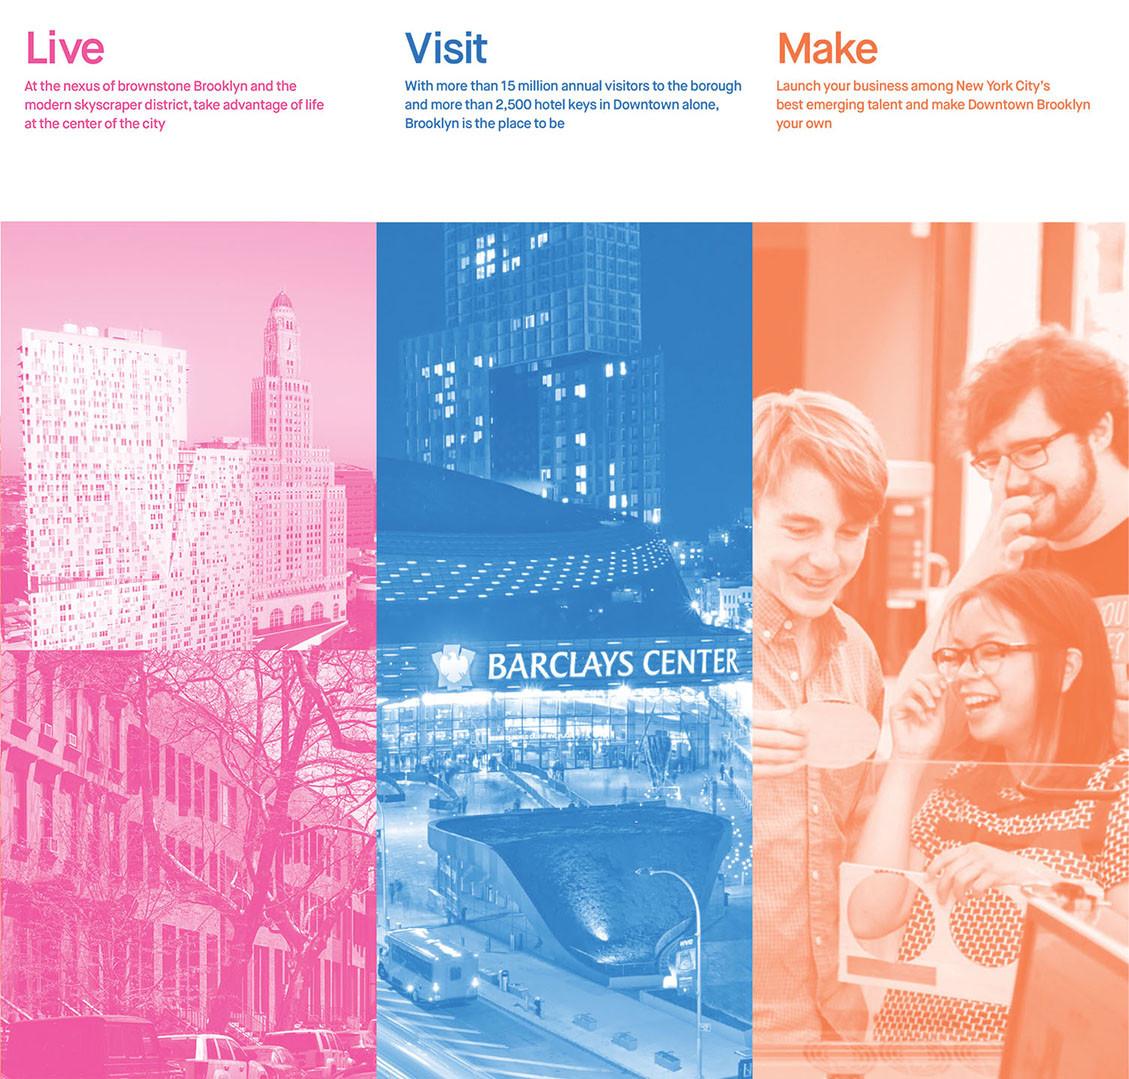 DBP-brochure18-247-downtown-bottom-3.jpg#asset:15697